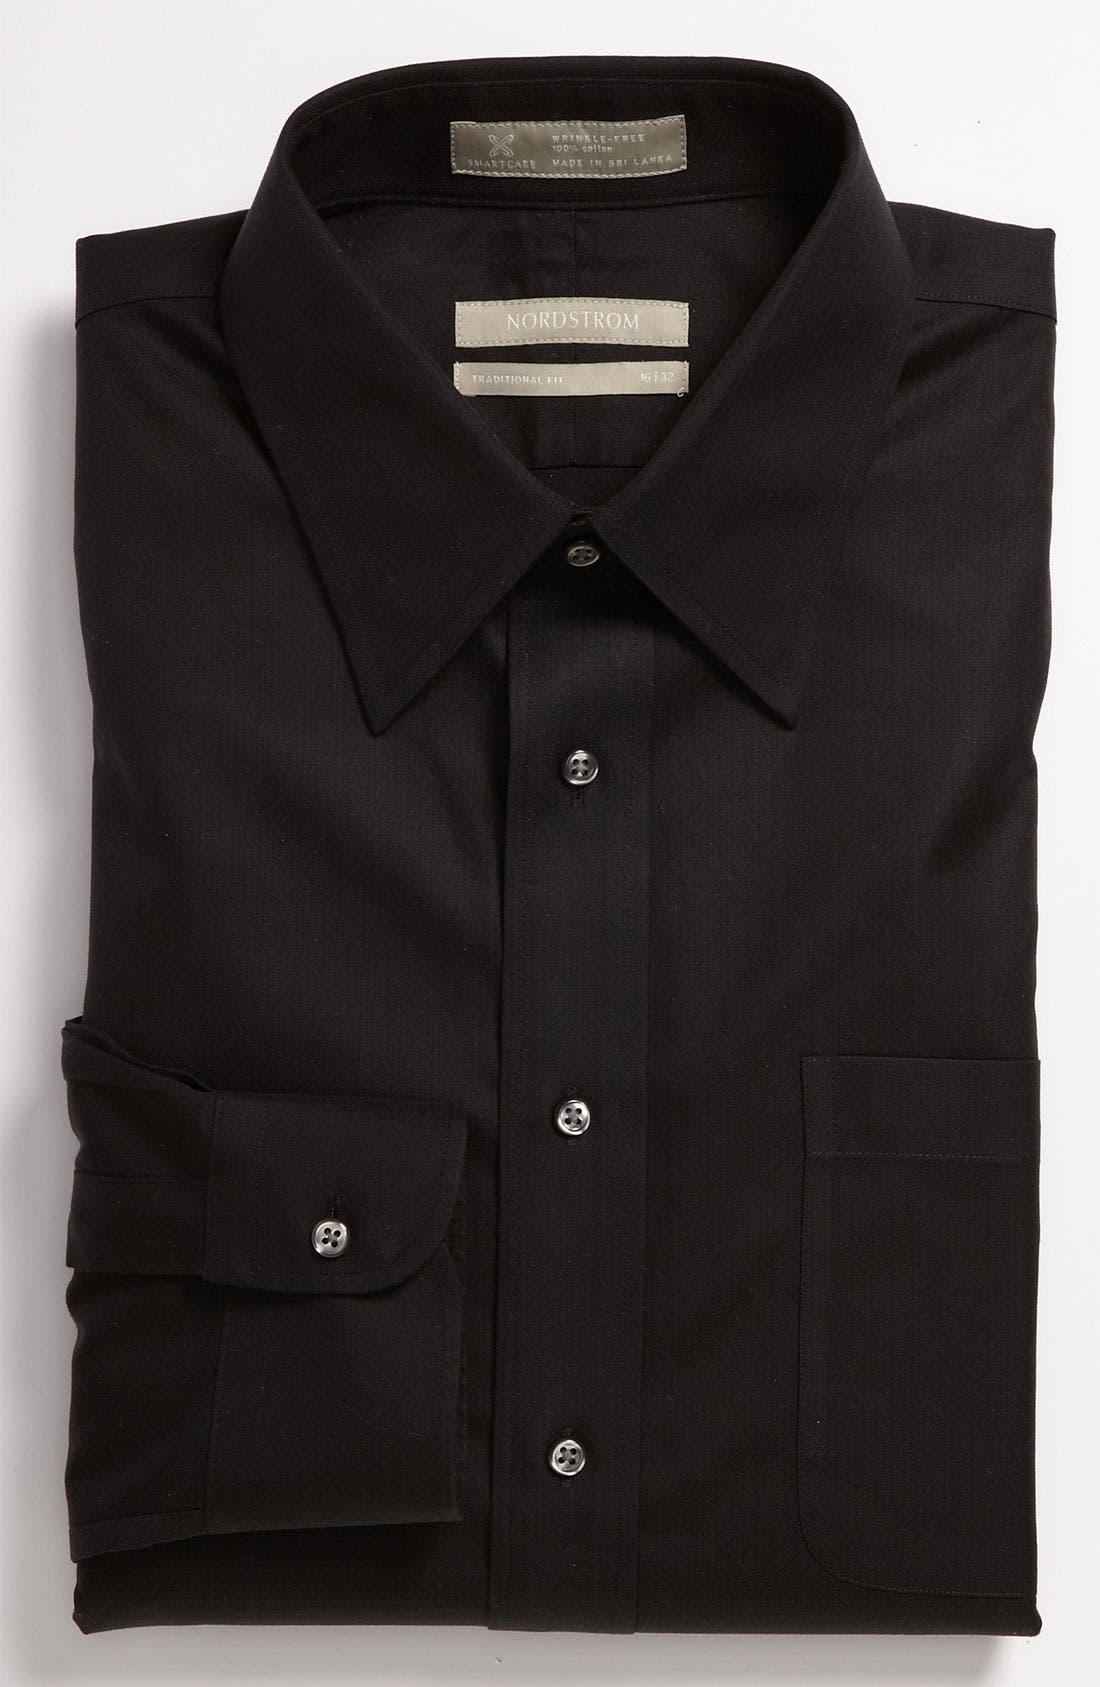 Alternate Image 1 Selected - Nordstrom Men's Shop Smartcare™ Traditional Fit Dress Shirt